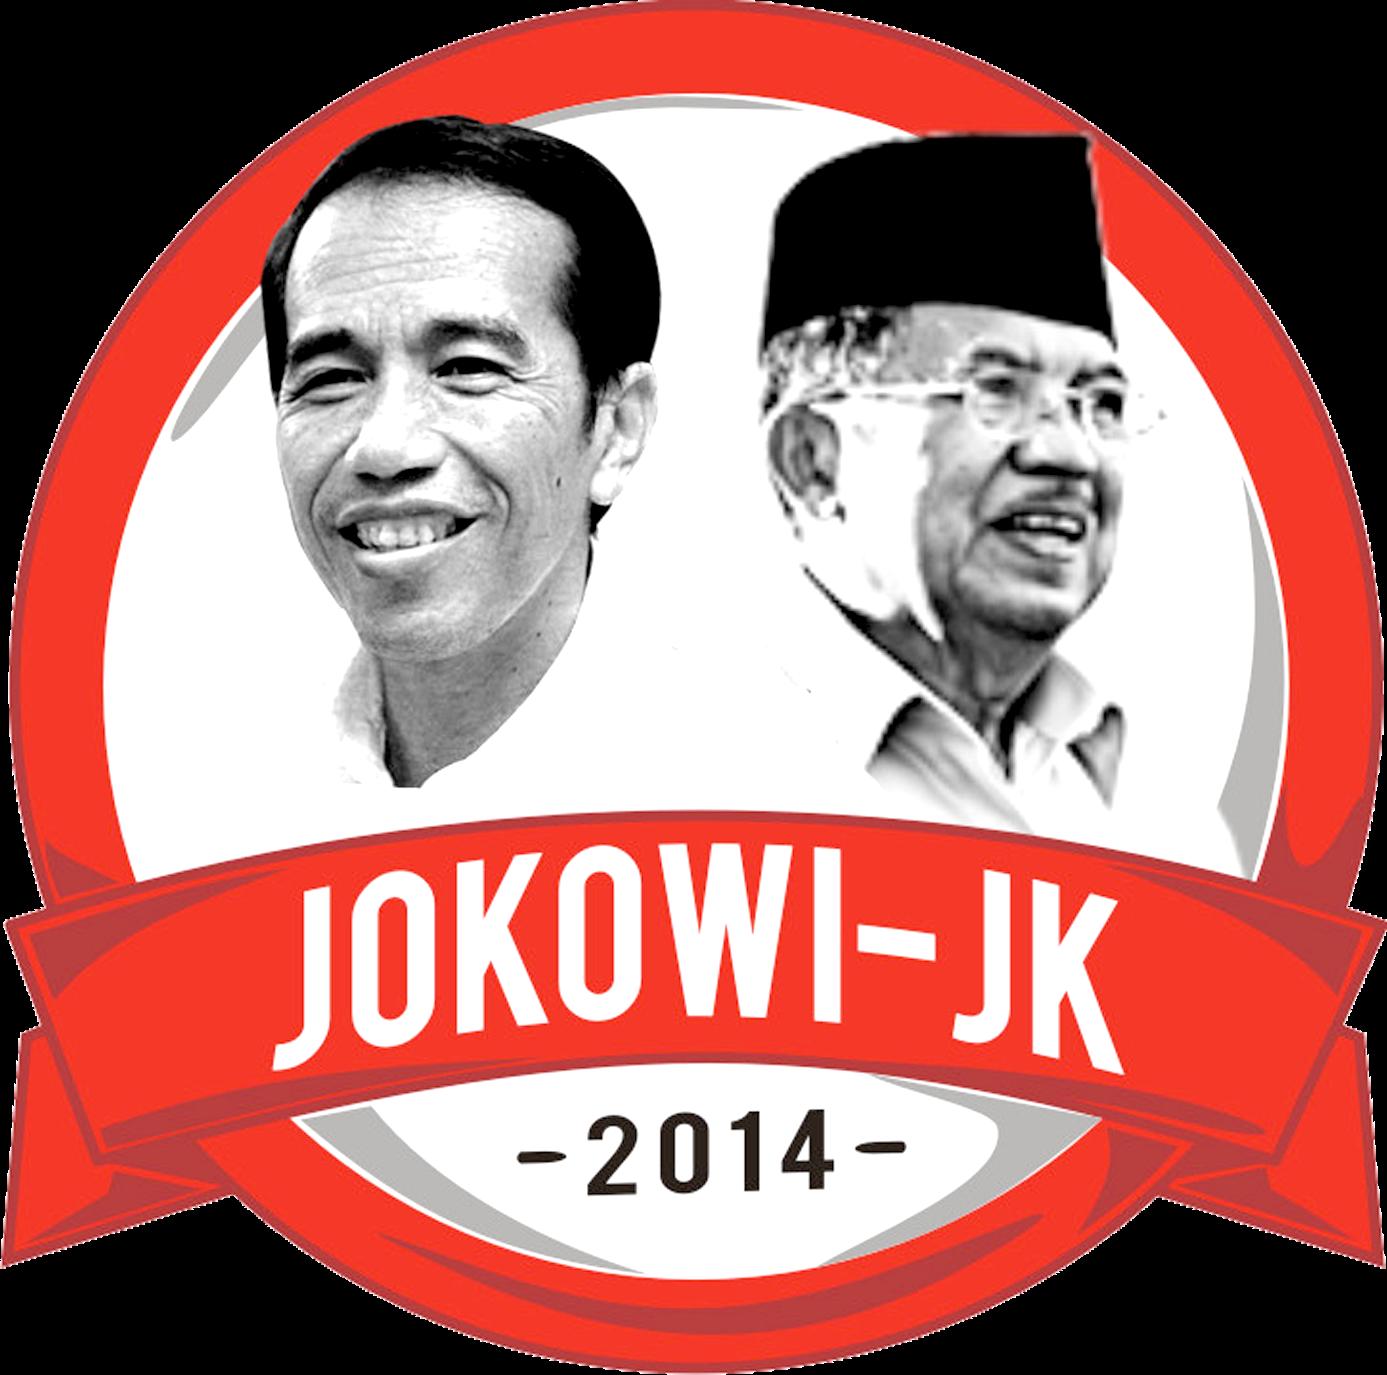 Visi Misi dan Agenda Prioritas Jokowi - JK